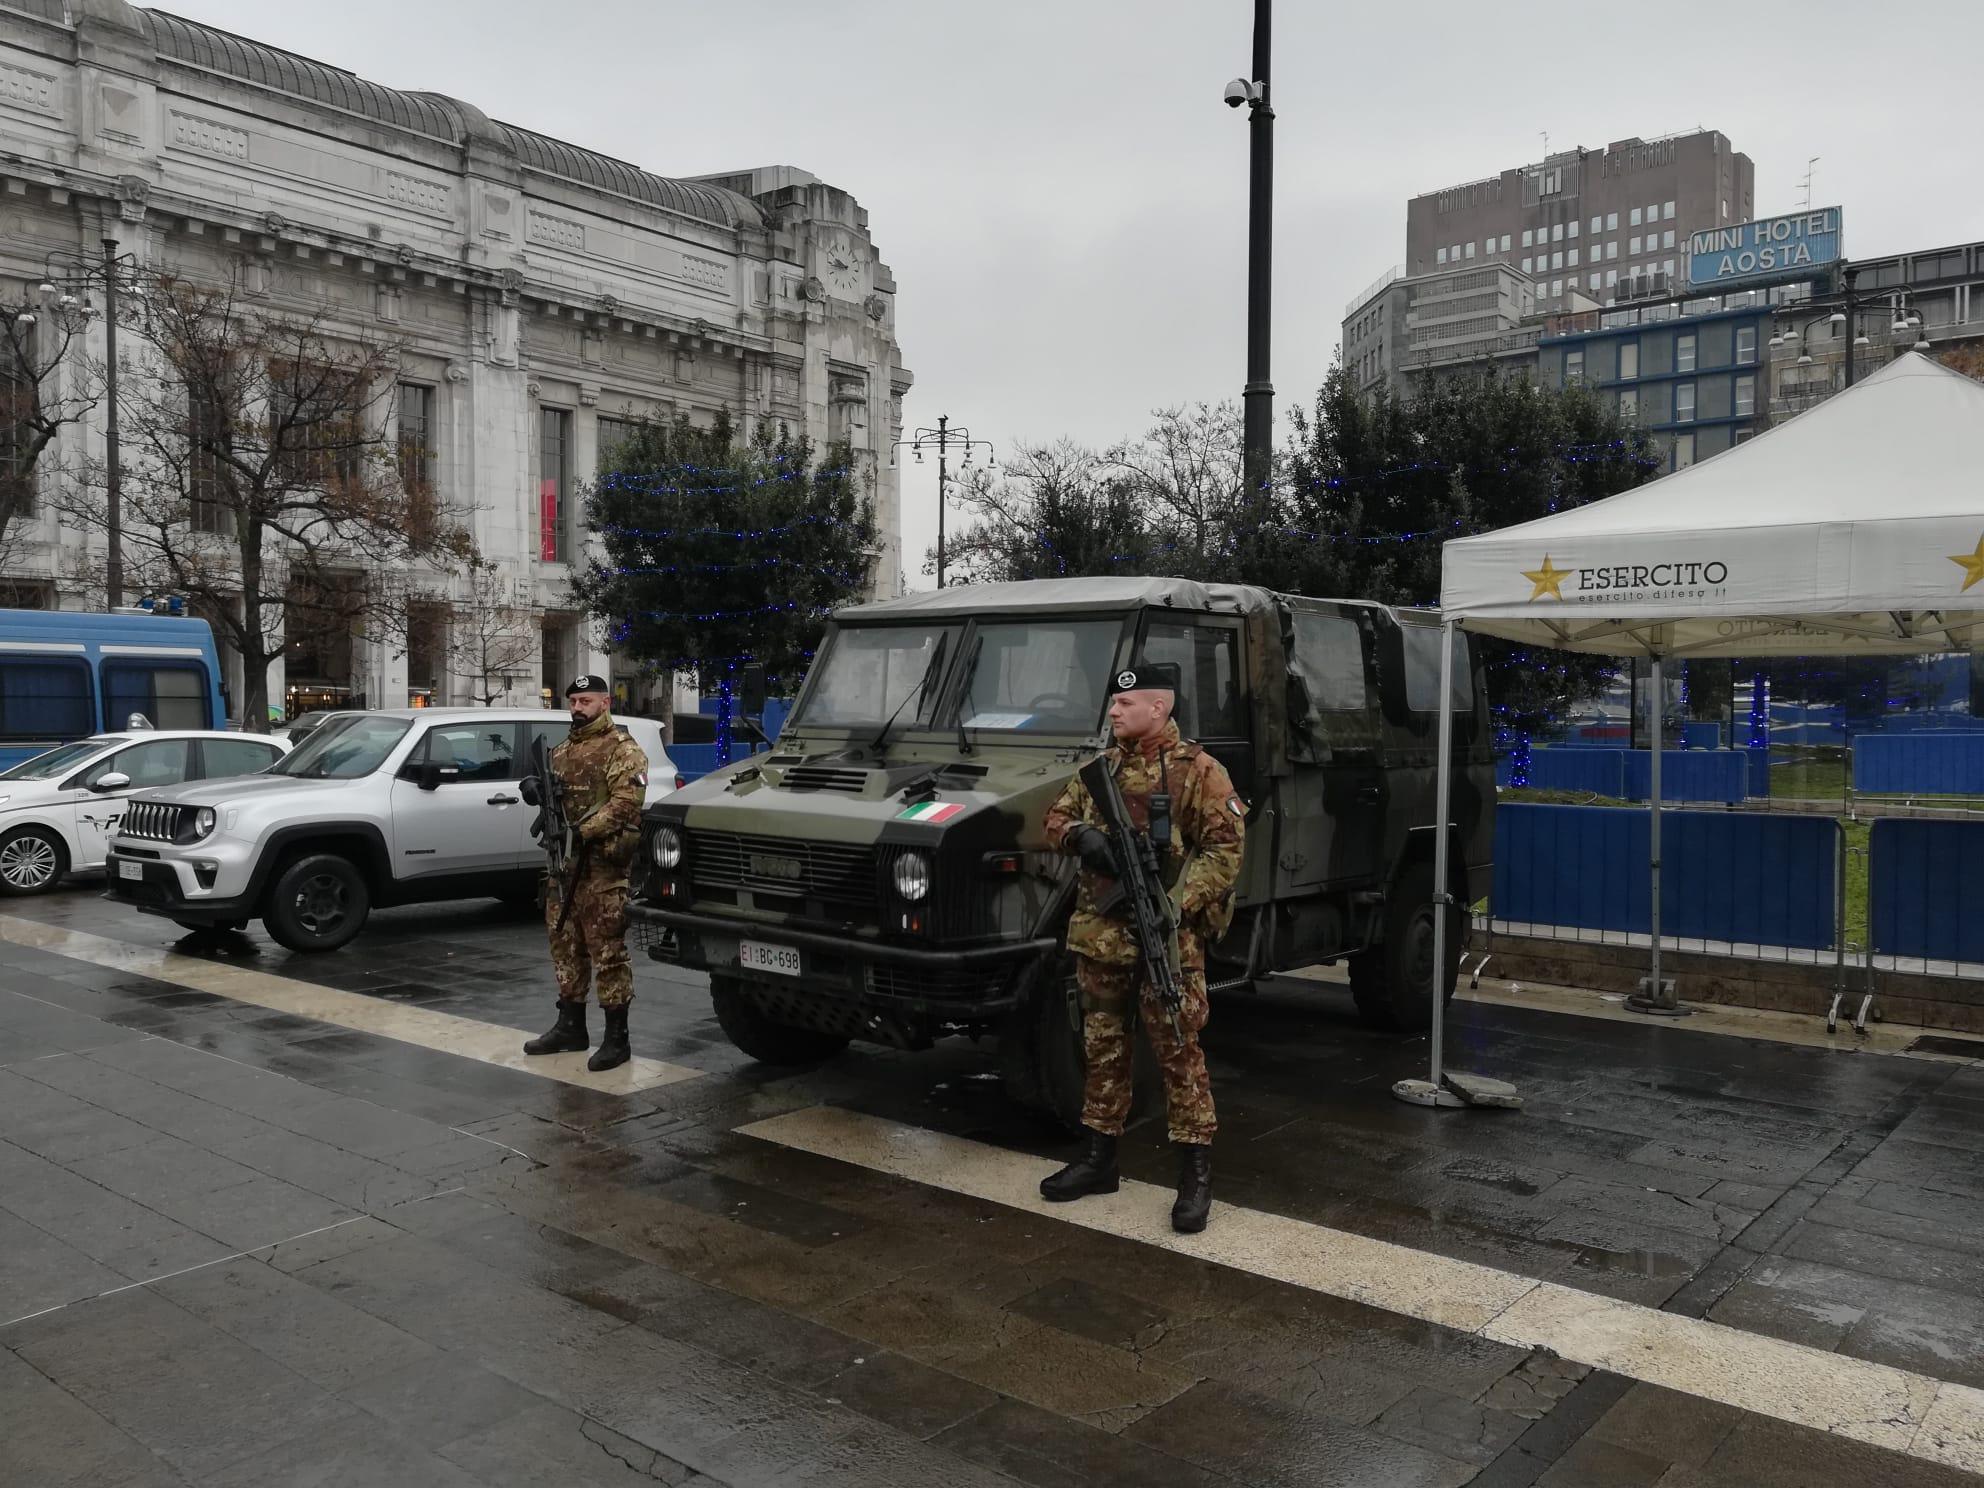 Sicurezza, interviene l'Esercito in Piazza Duca d'Aosta ...